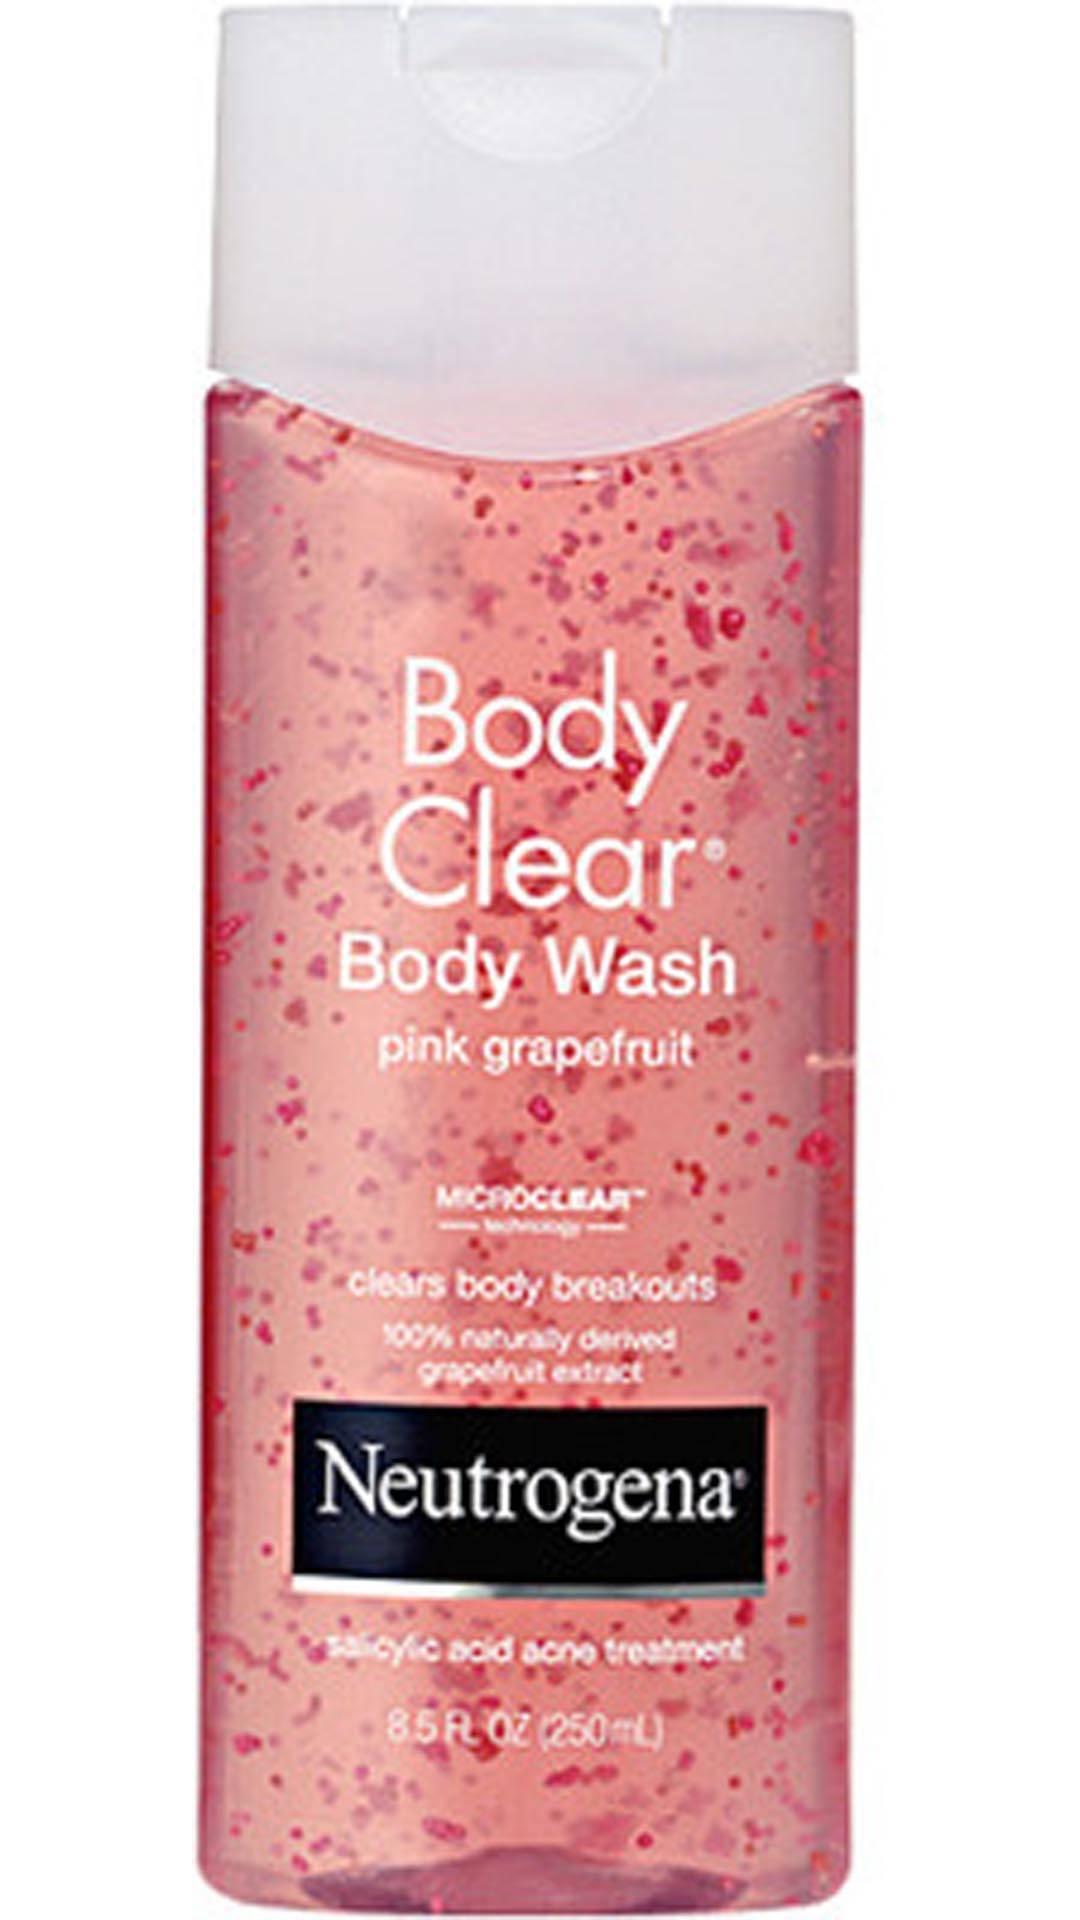 Sữa tắm Neutrogena Body Clear Body Wash Pink Grapefruit 250ml chiết xuất tinh chất bưởi hồng chứa lượng lớn vitamin C